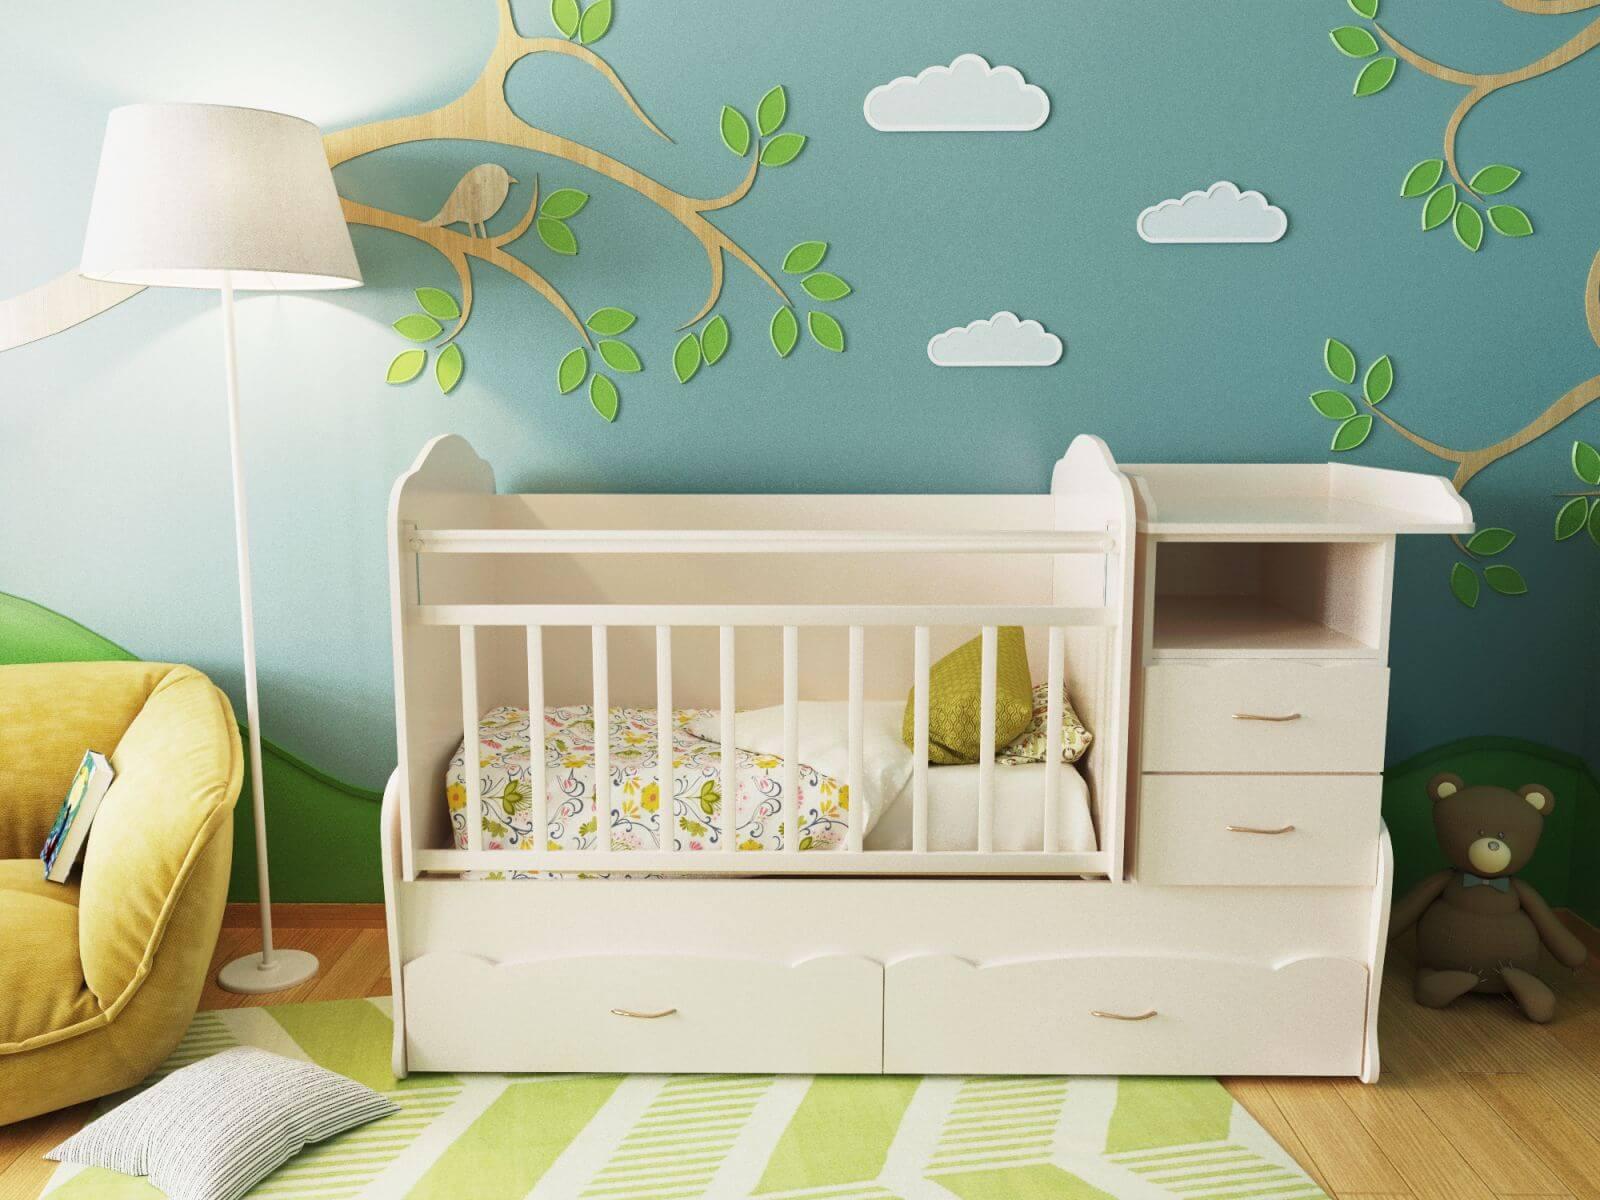 Кровать для маленького ребенка должна быть сделана так, чтобы он не мог самостоятельно из нее выбраться. Проход к спальному месту должен быть удобным со всех сторон. На корпусе кровати не должно быть мелких декоративных элементов, чтобы ребенок не оторвал их и не проглотил. Кровать должна быть снабжена бортиками, они защитят ребенка от падения и дадут ему чувство защищенности. Хорошо, если у кровати не будет острых углов,чтобы,когда малыш начнет делать первые шаги, онне травмировался.